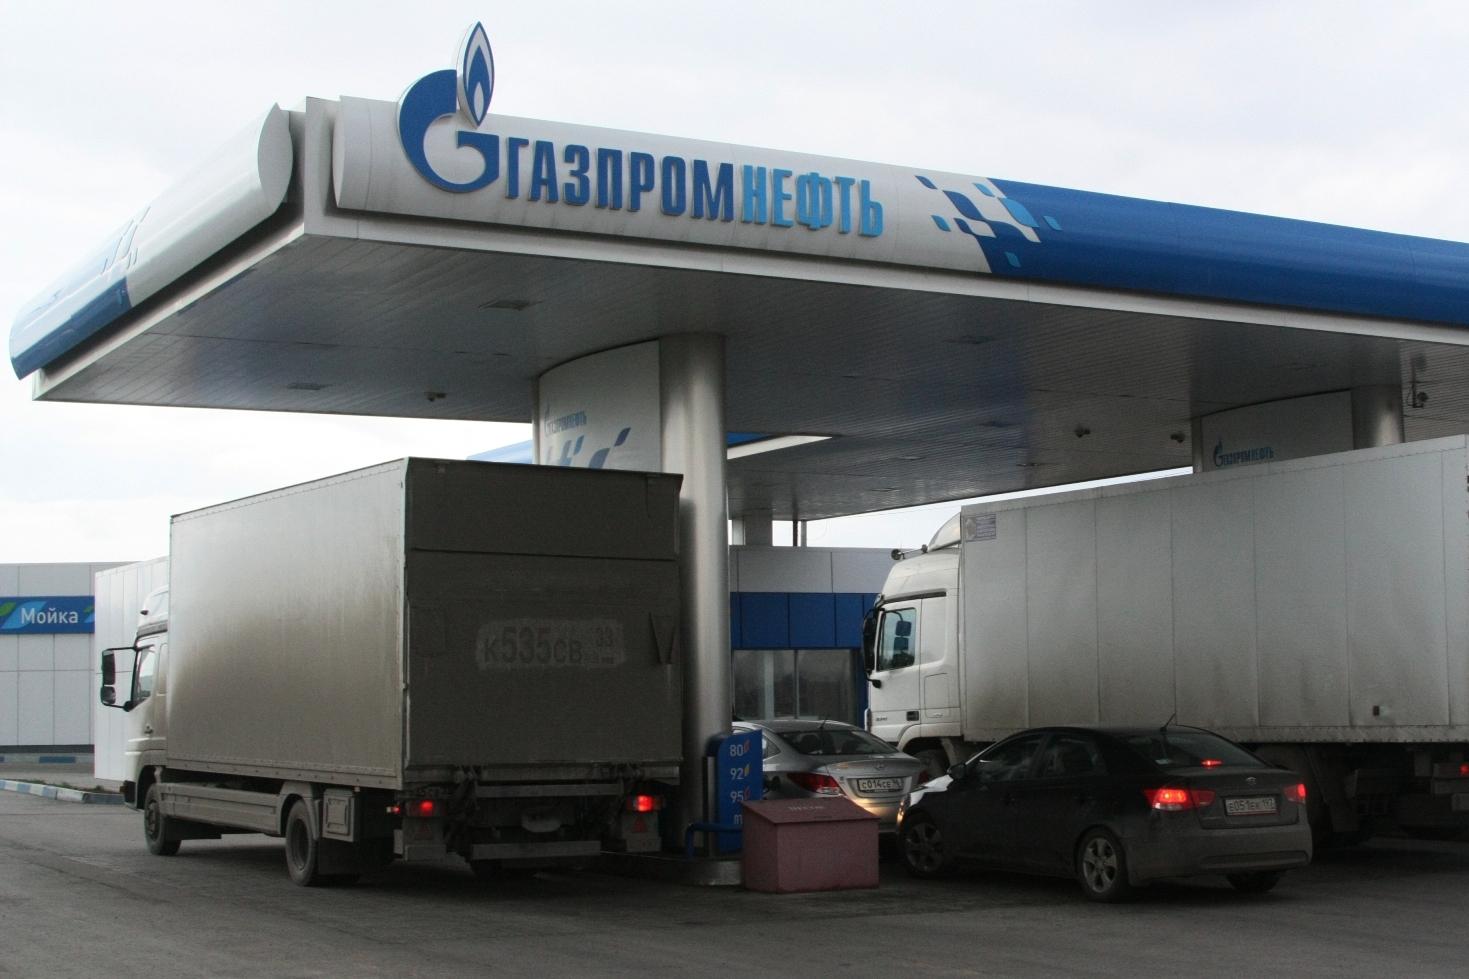 Мониторинг 66.ru: цены на бензин опять скакнули вверх!